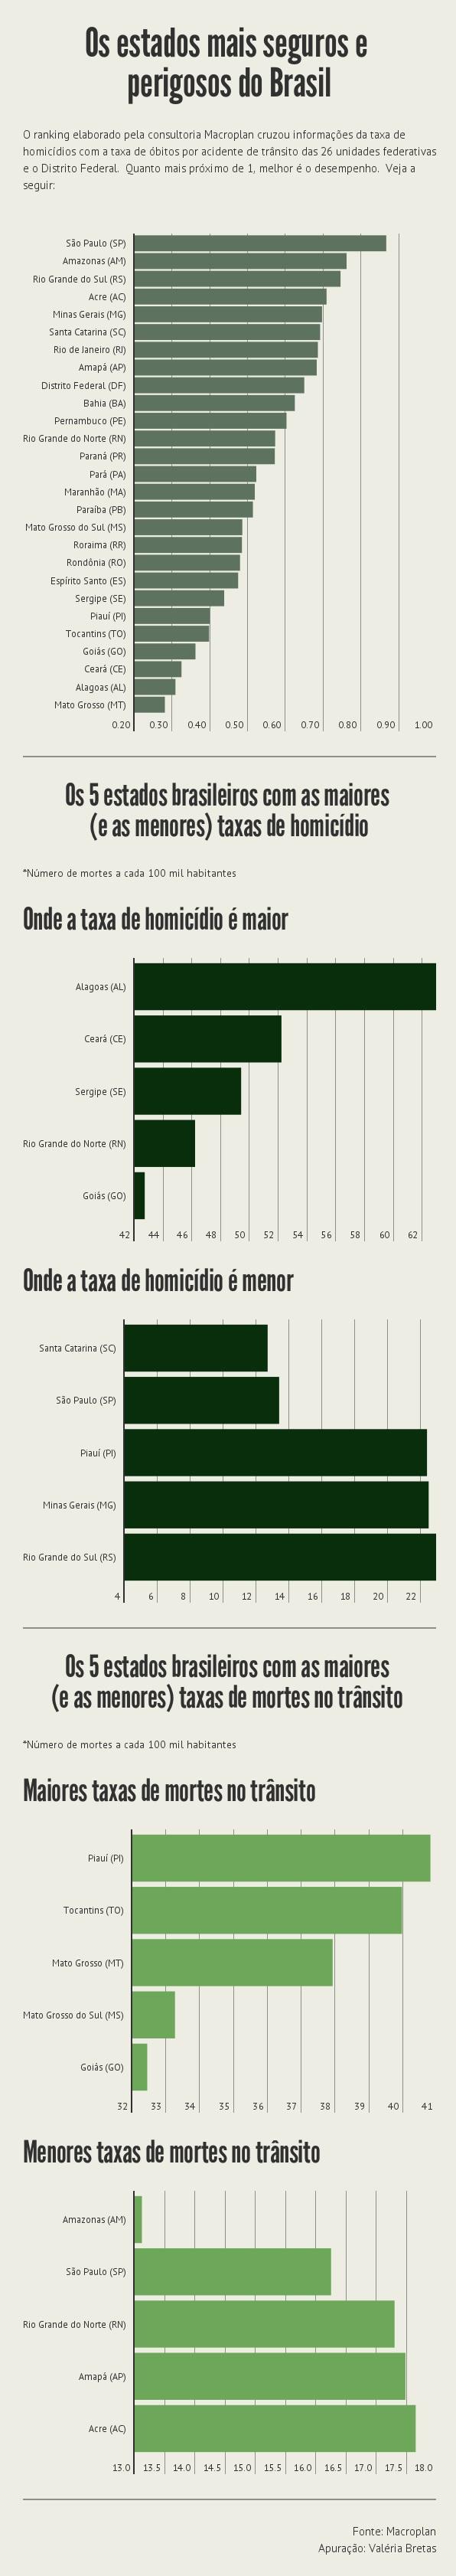 portal-lf-news-noticias-lauro-de-freitas-a-bahia-esta-entre-os-10-estados-menos-perigosos-do-brasil